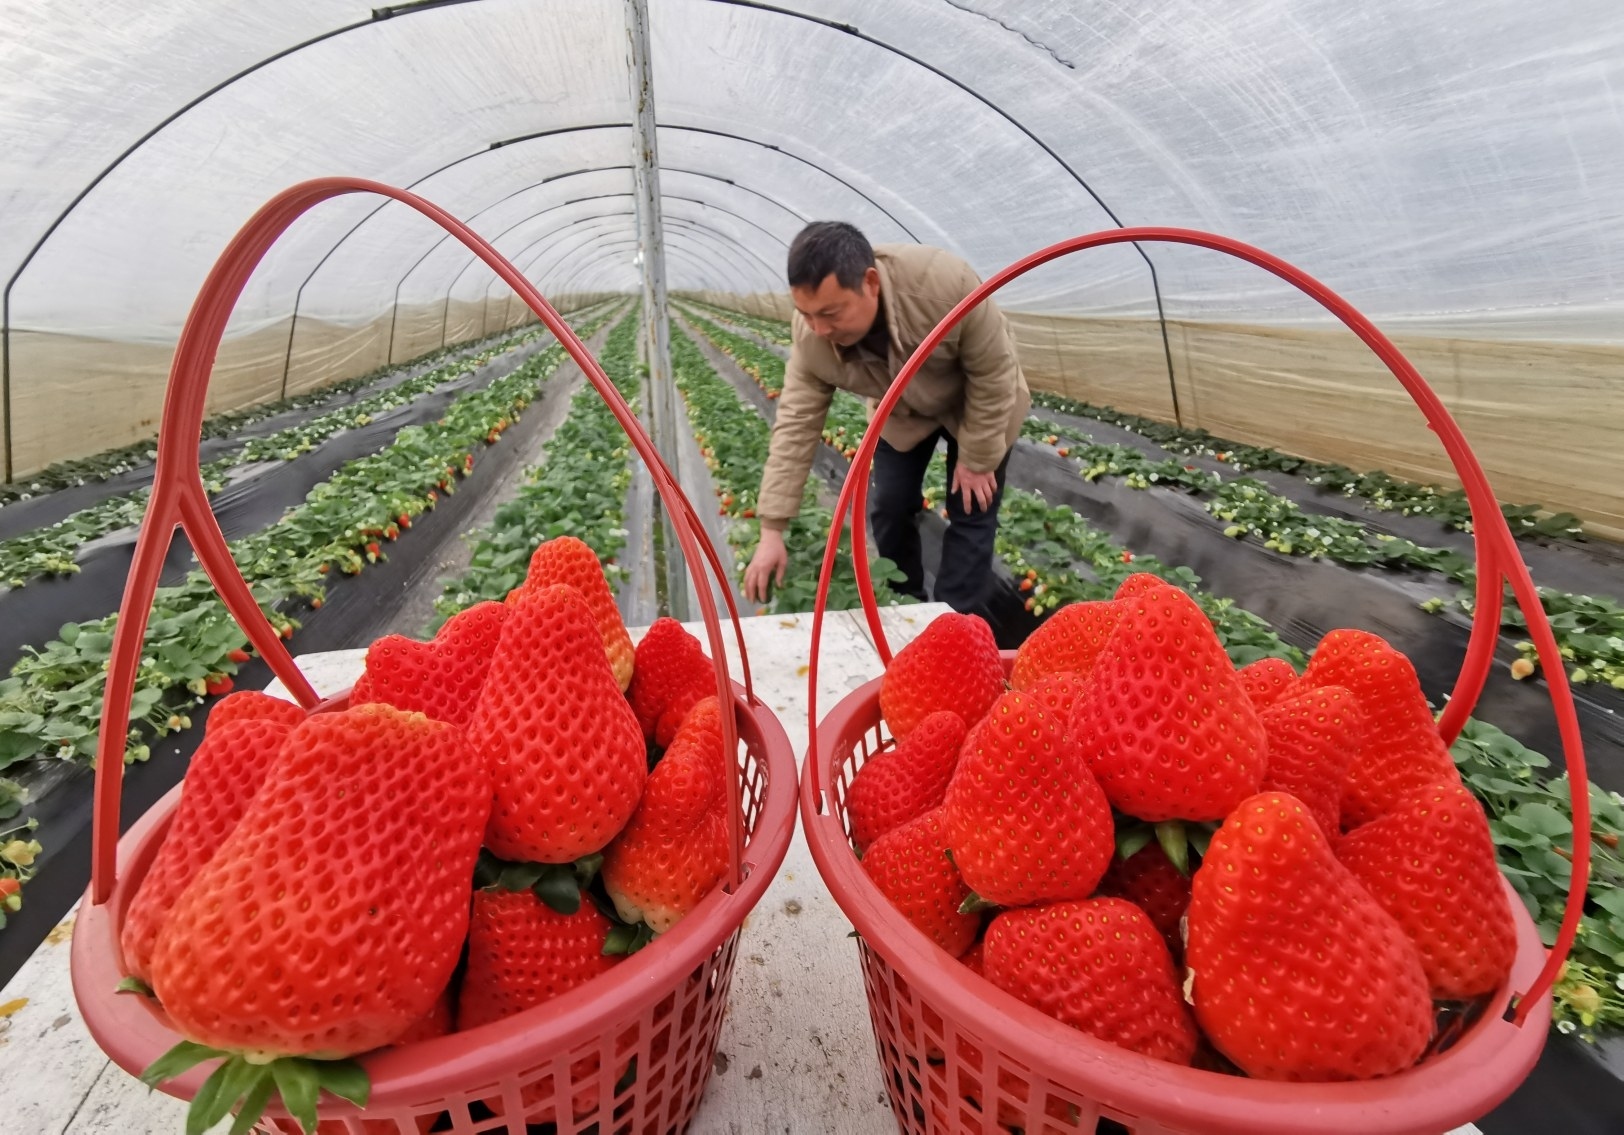 襄城县茨沟乡骞庄村因地制宜发展大棚草莓种植近百亩